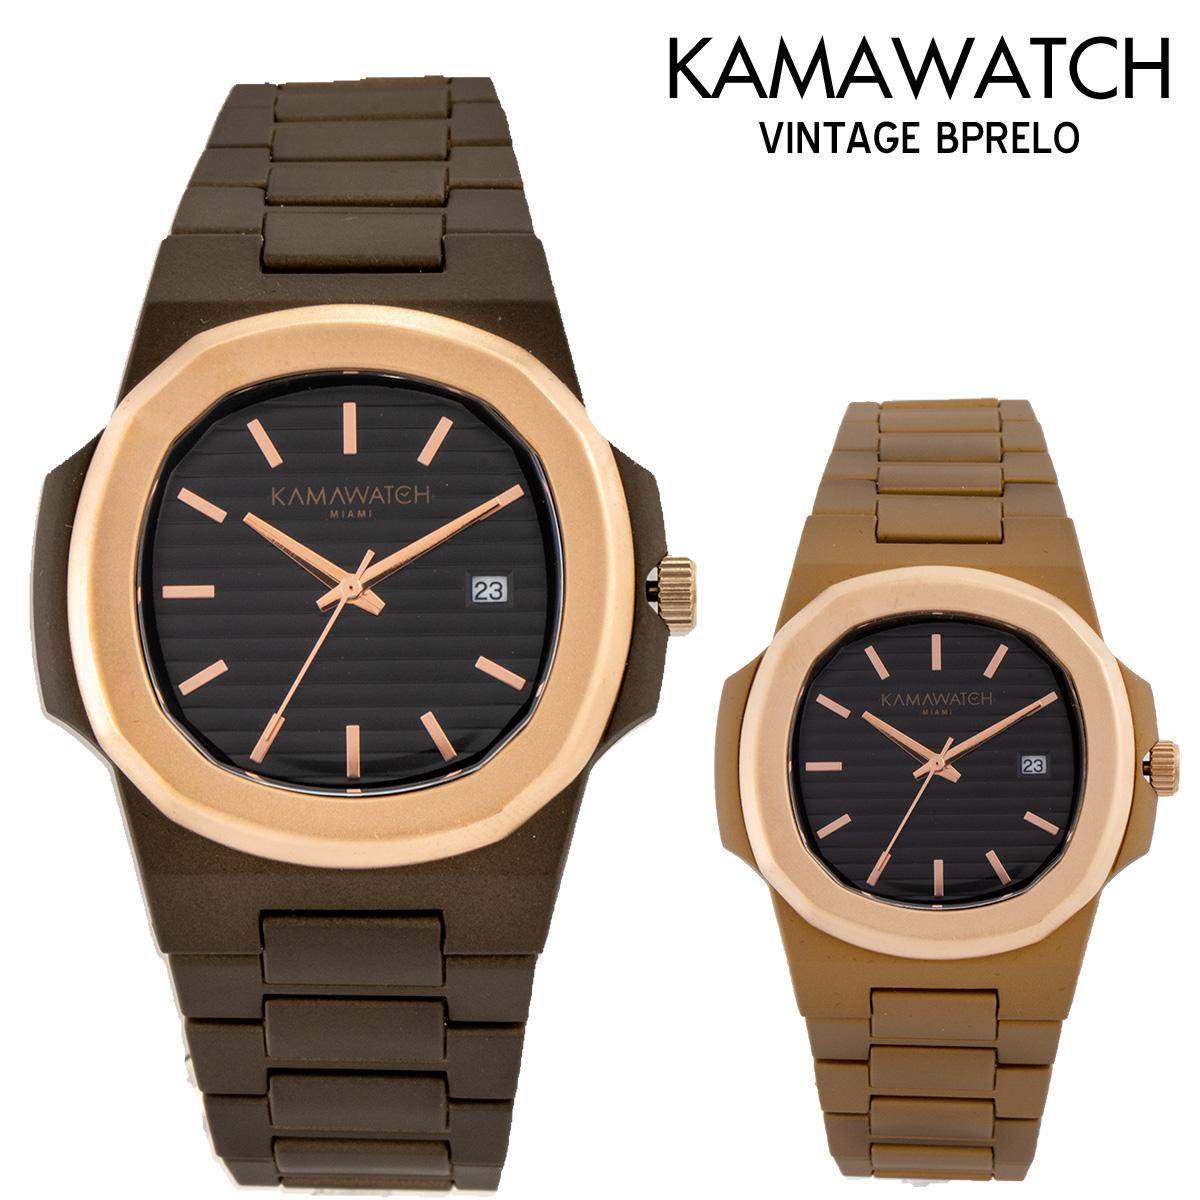 KAMAWATCH カーマーウォッチ サーミックテクノロジートリートメントリストウォッチ VINTAGE KWP25